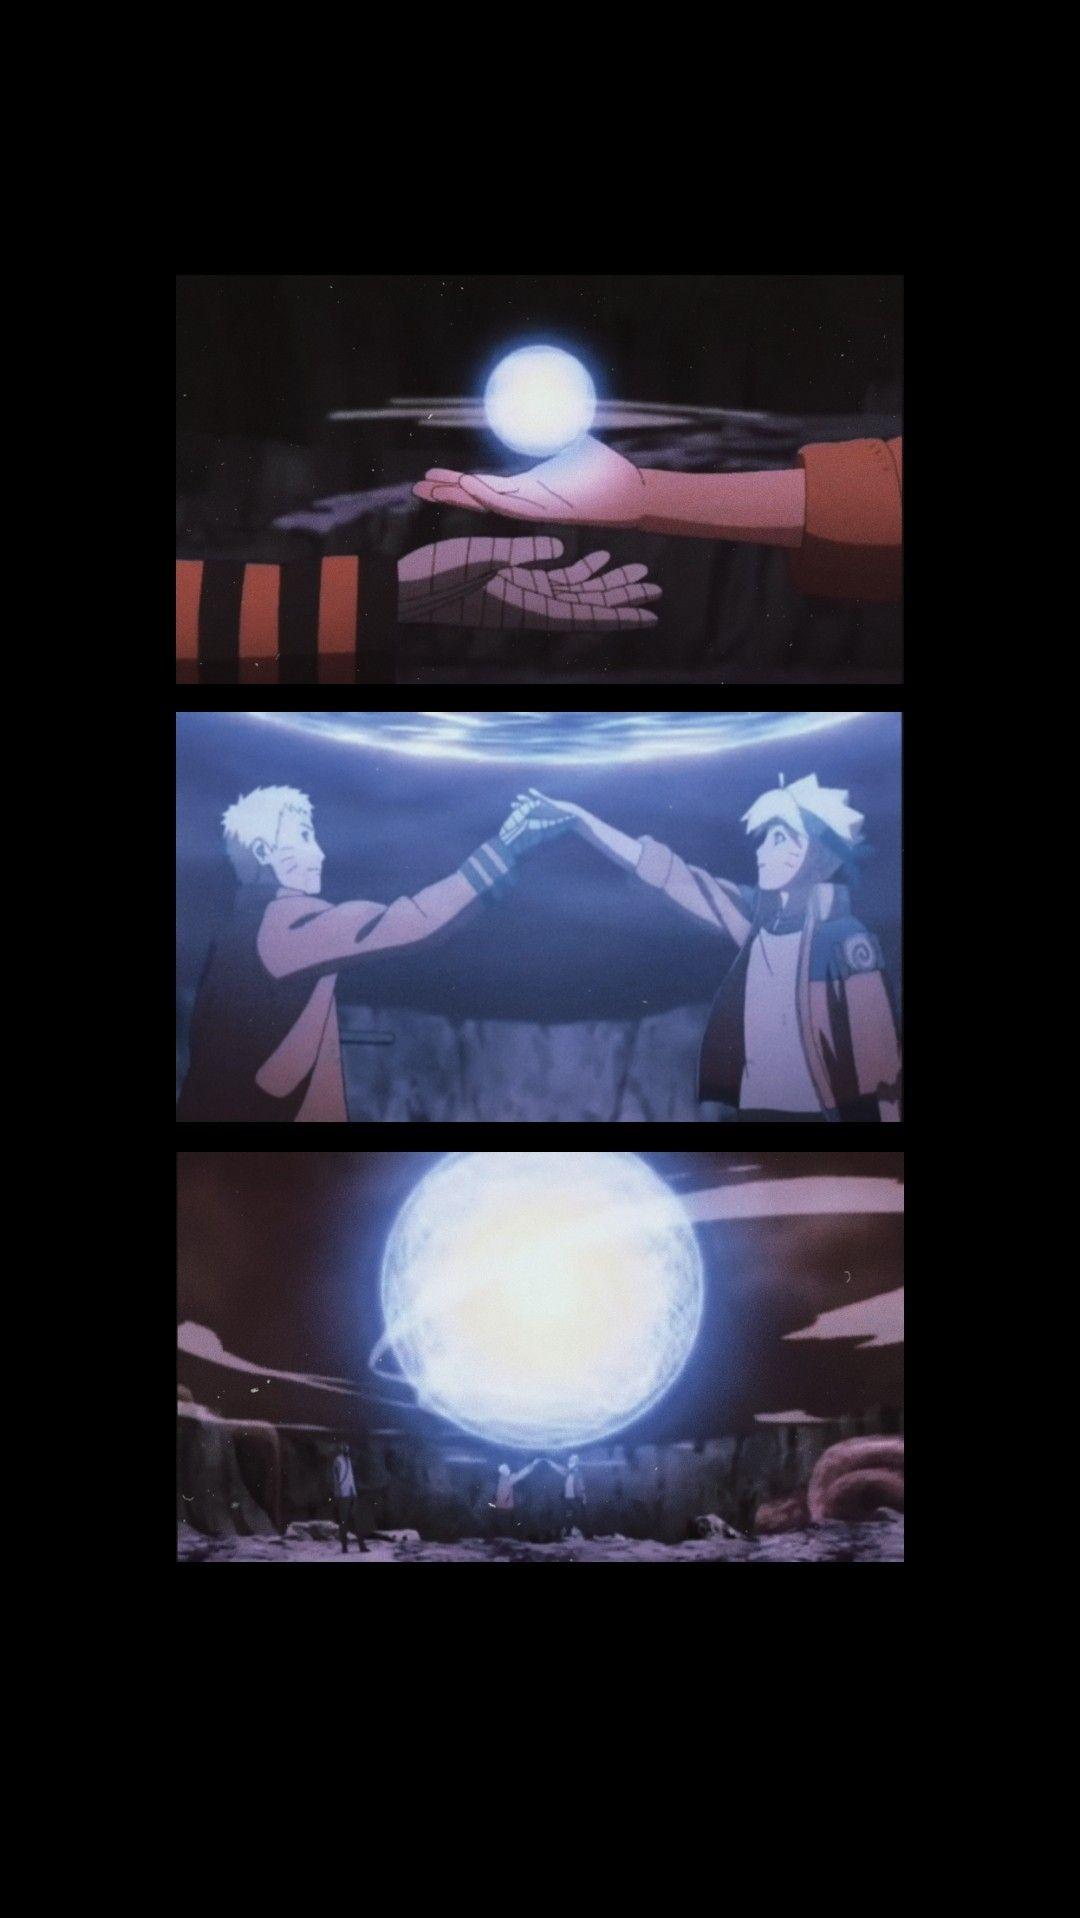 Naruto Oodama Rasengan Naruto Shippuden Anime Anime Naruto Naruto Uzumaki